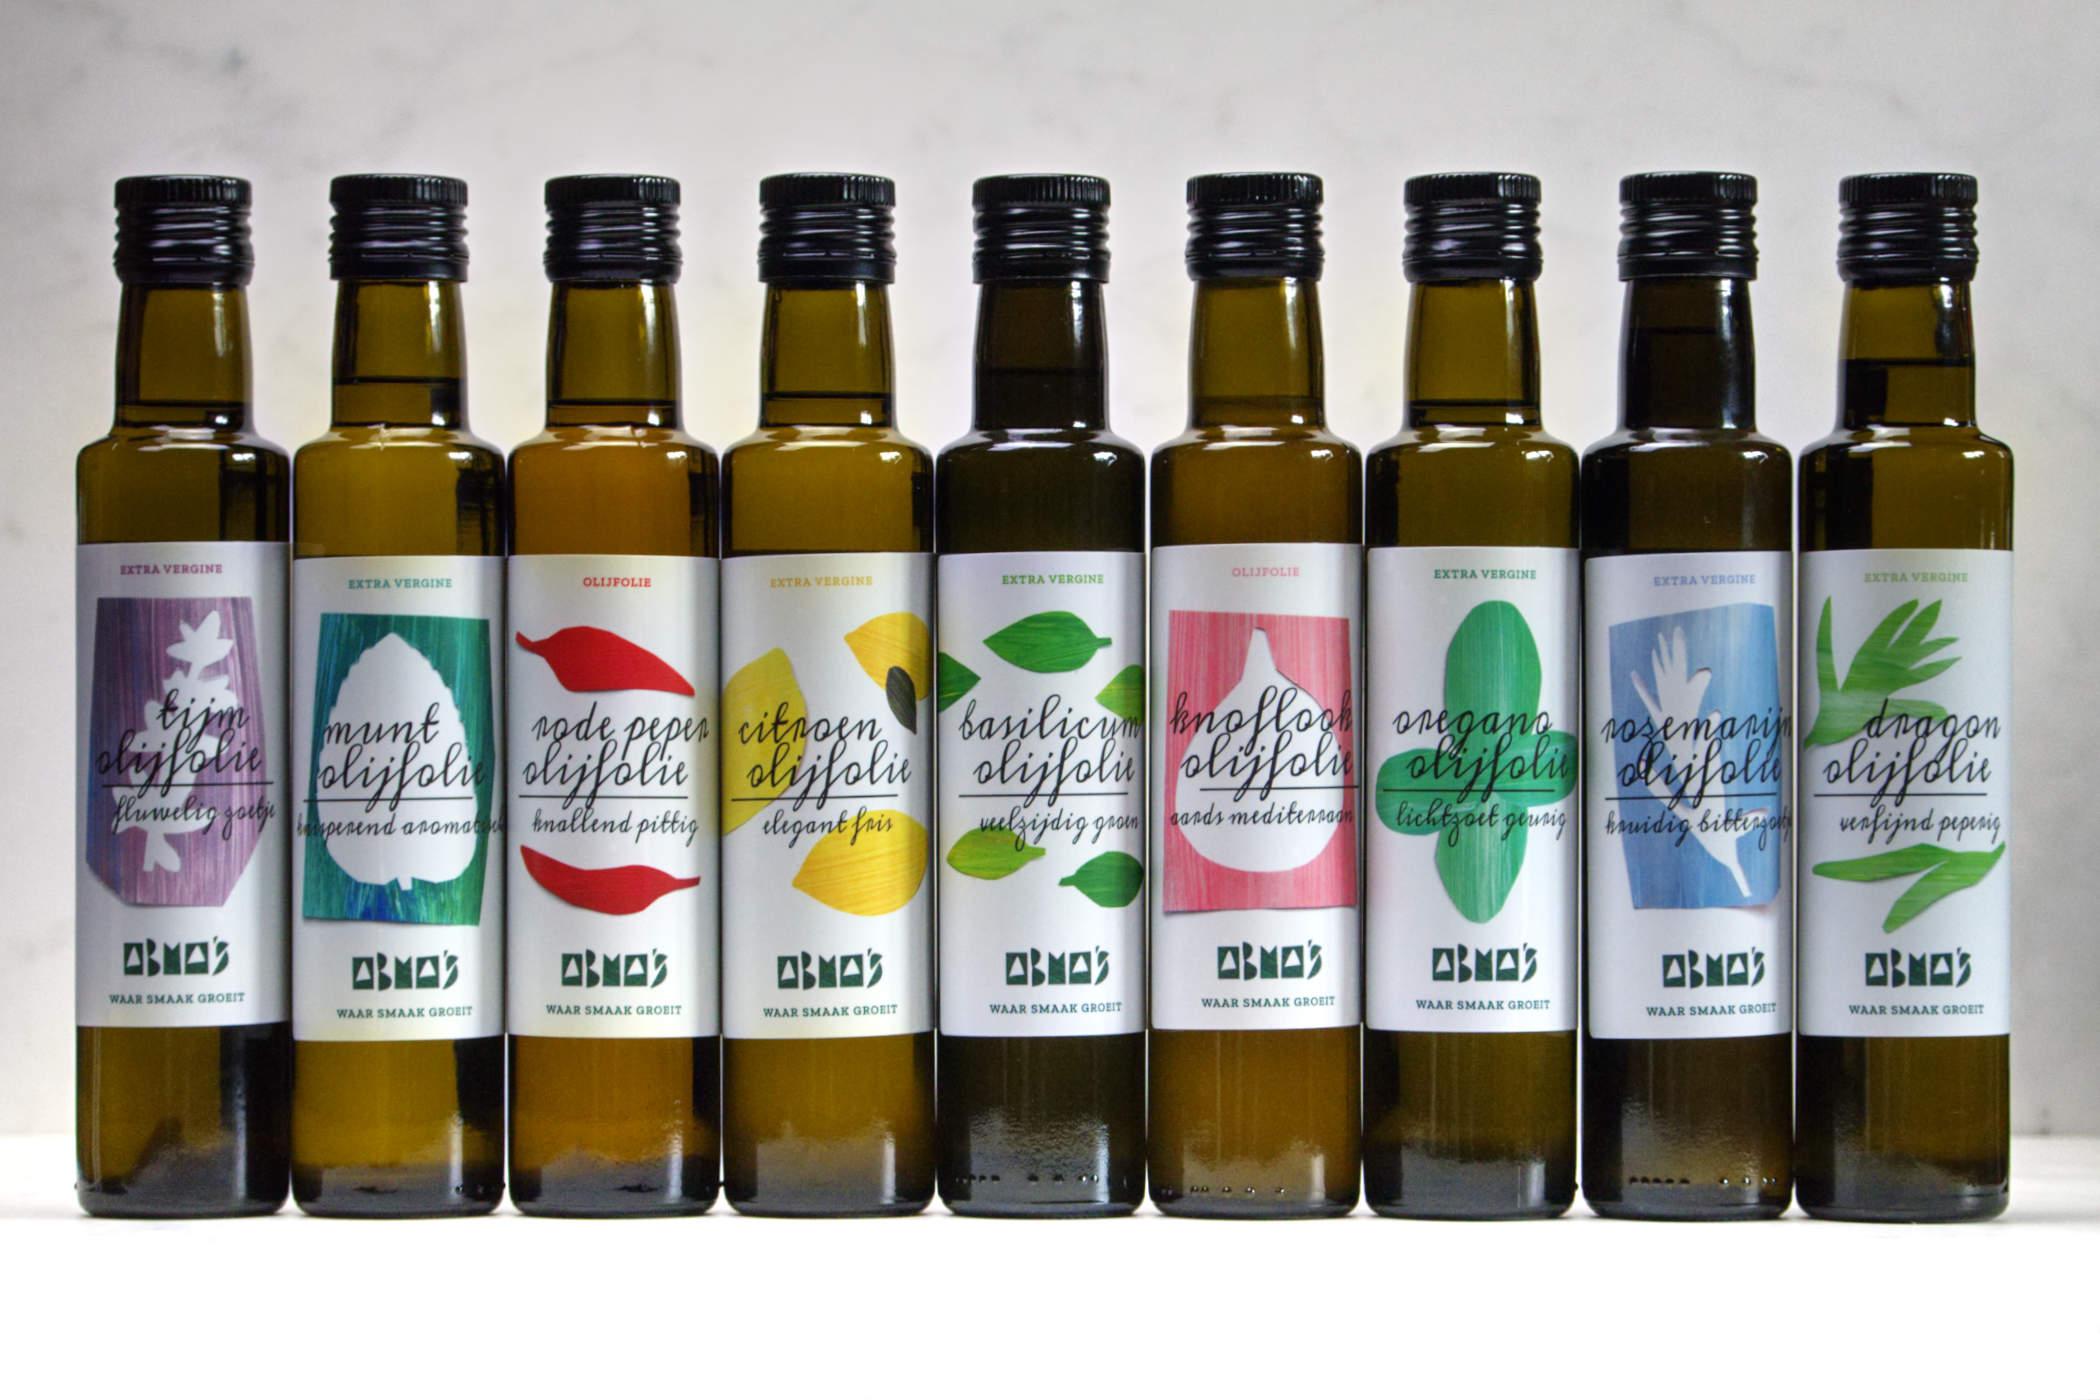 Abma's munt olijfolie schenken